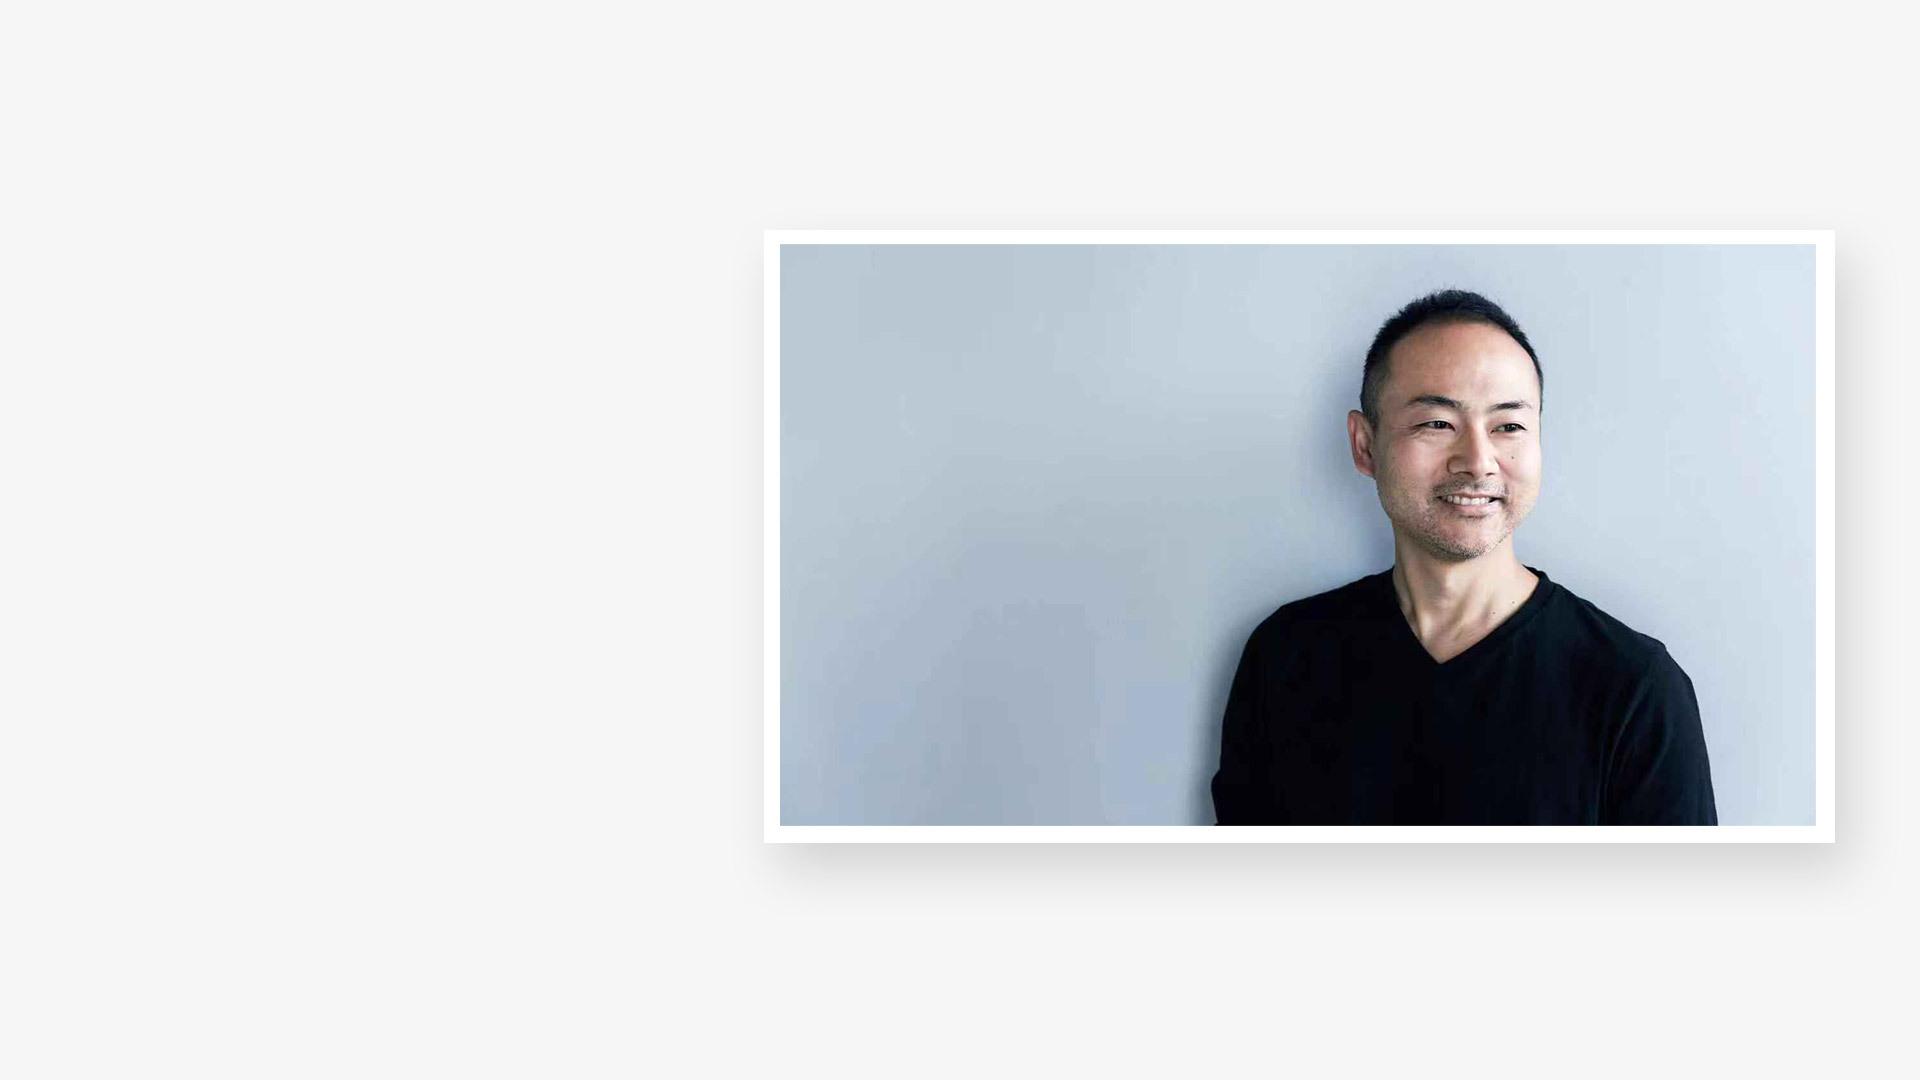 亚洲影响力设计大师<br/>日本建筑设计天才